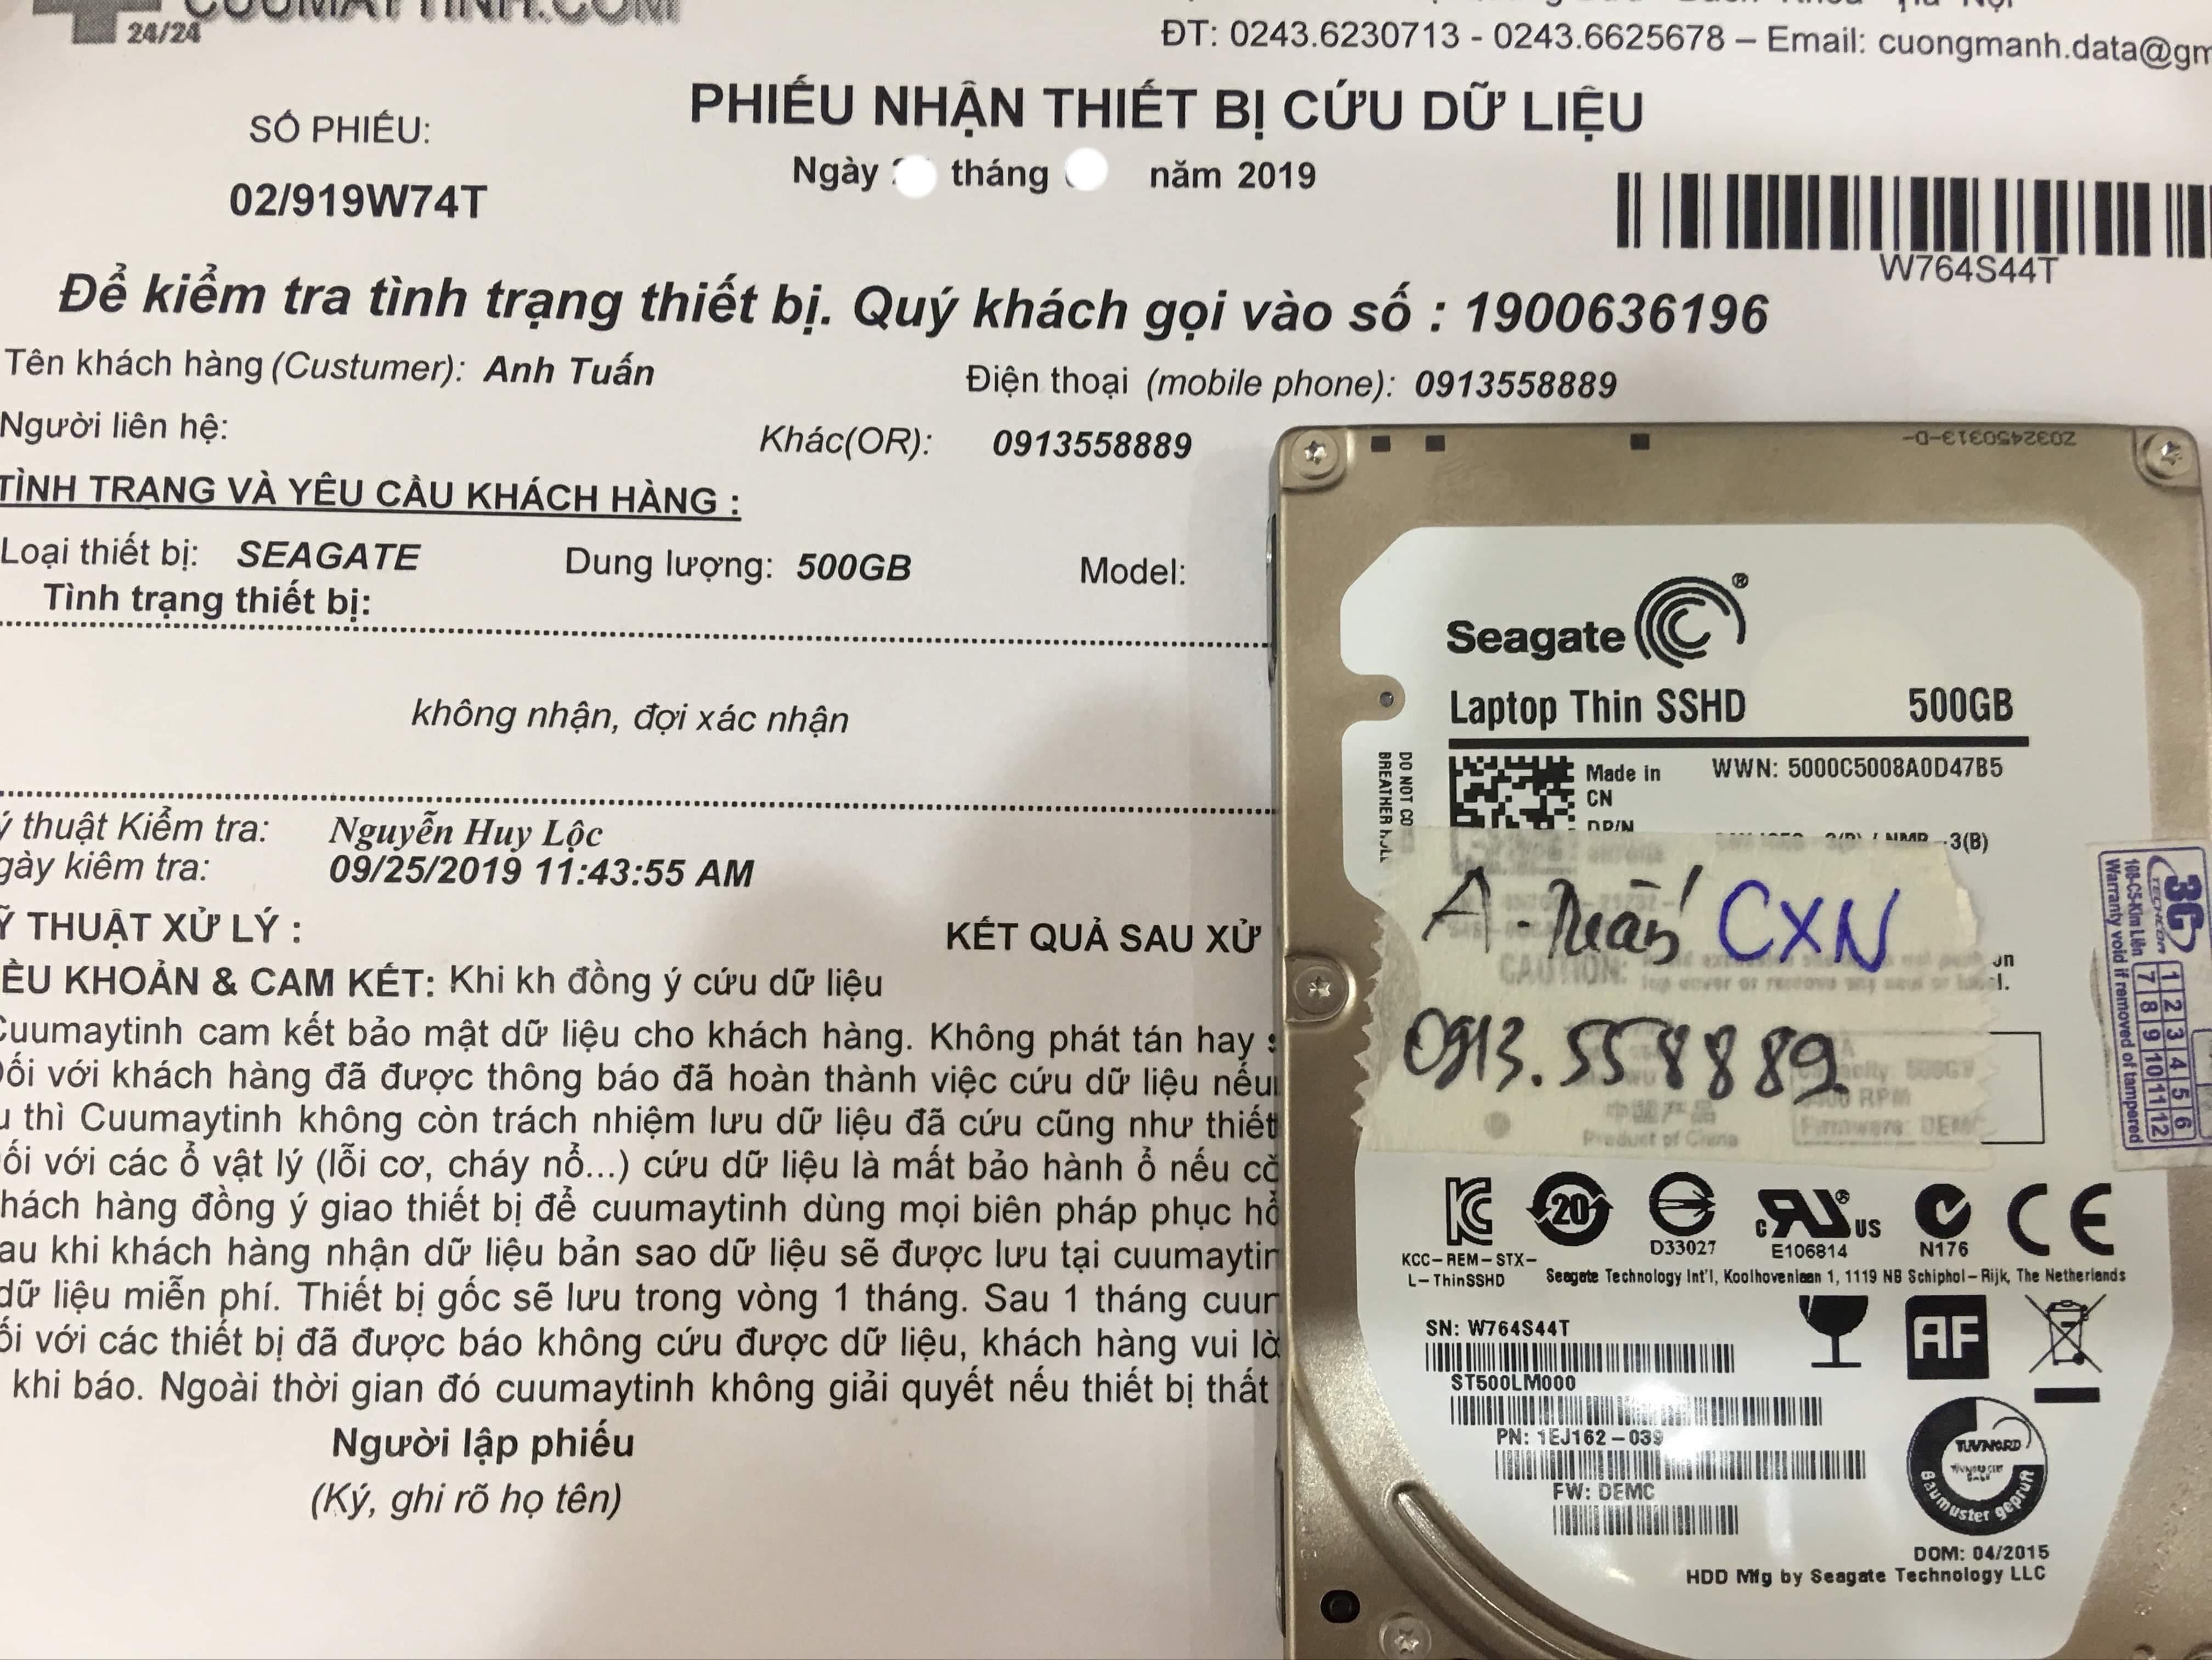 Khôi phục dữ liệu ổ cứng Seagate 500GB không nhận 04/10/2019 - cuumaytinh